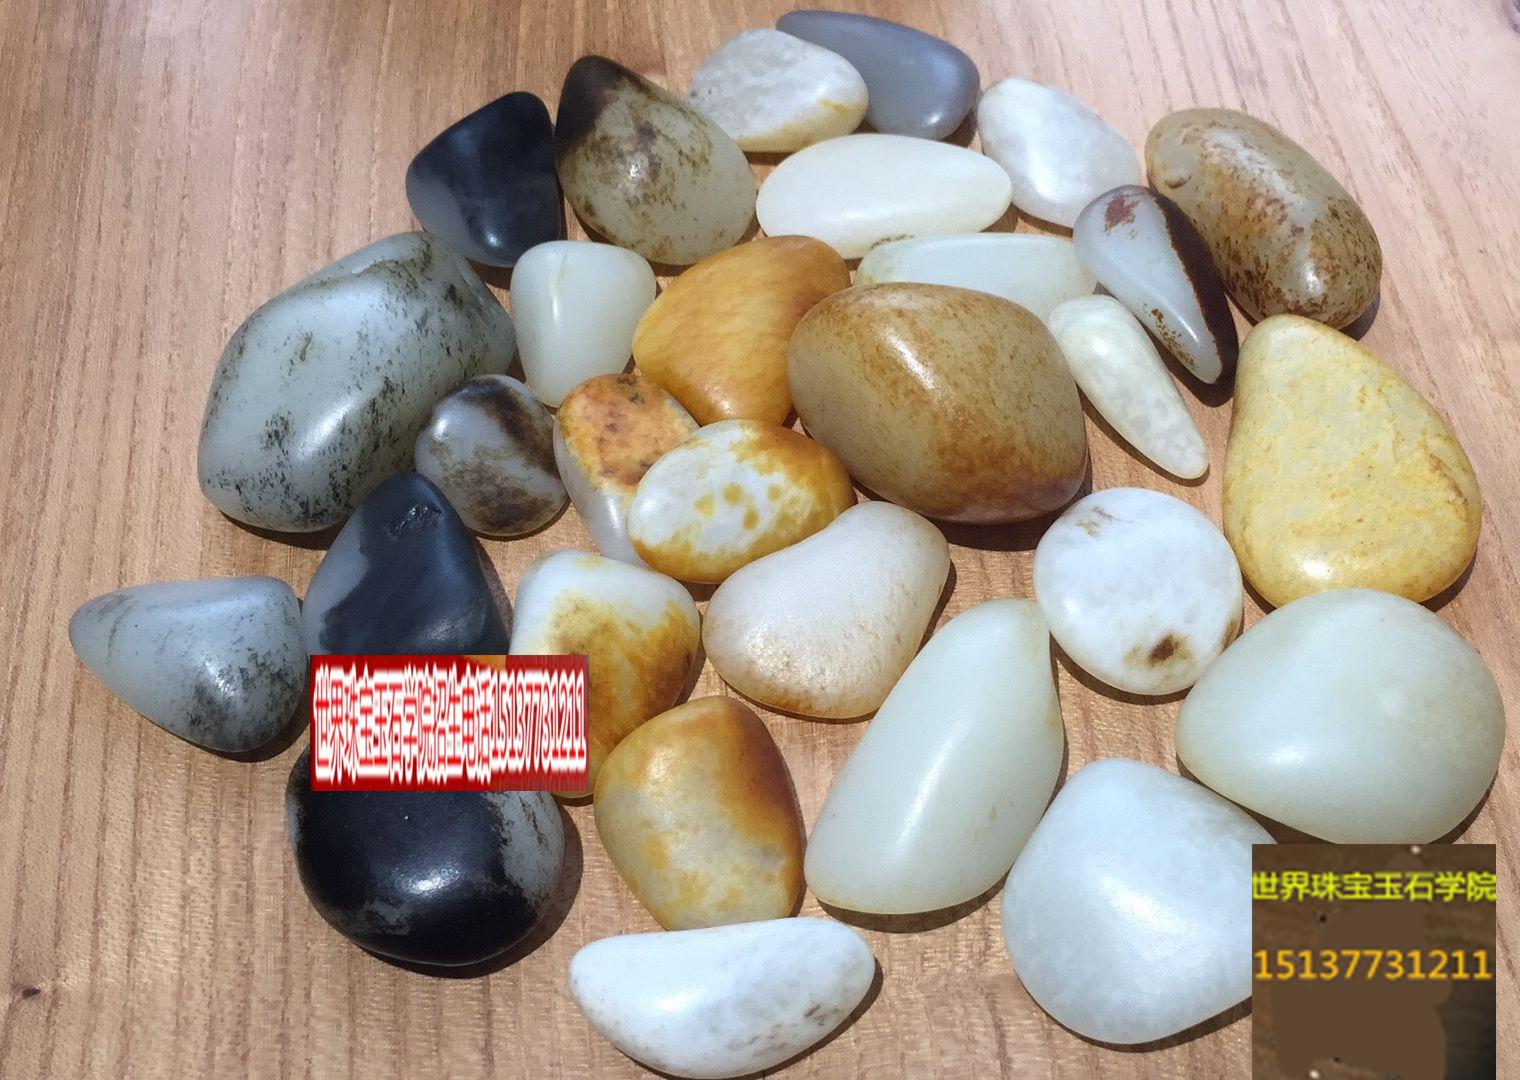 说说被遗忘的白皮籽料-玉器鉴定专家崔涛